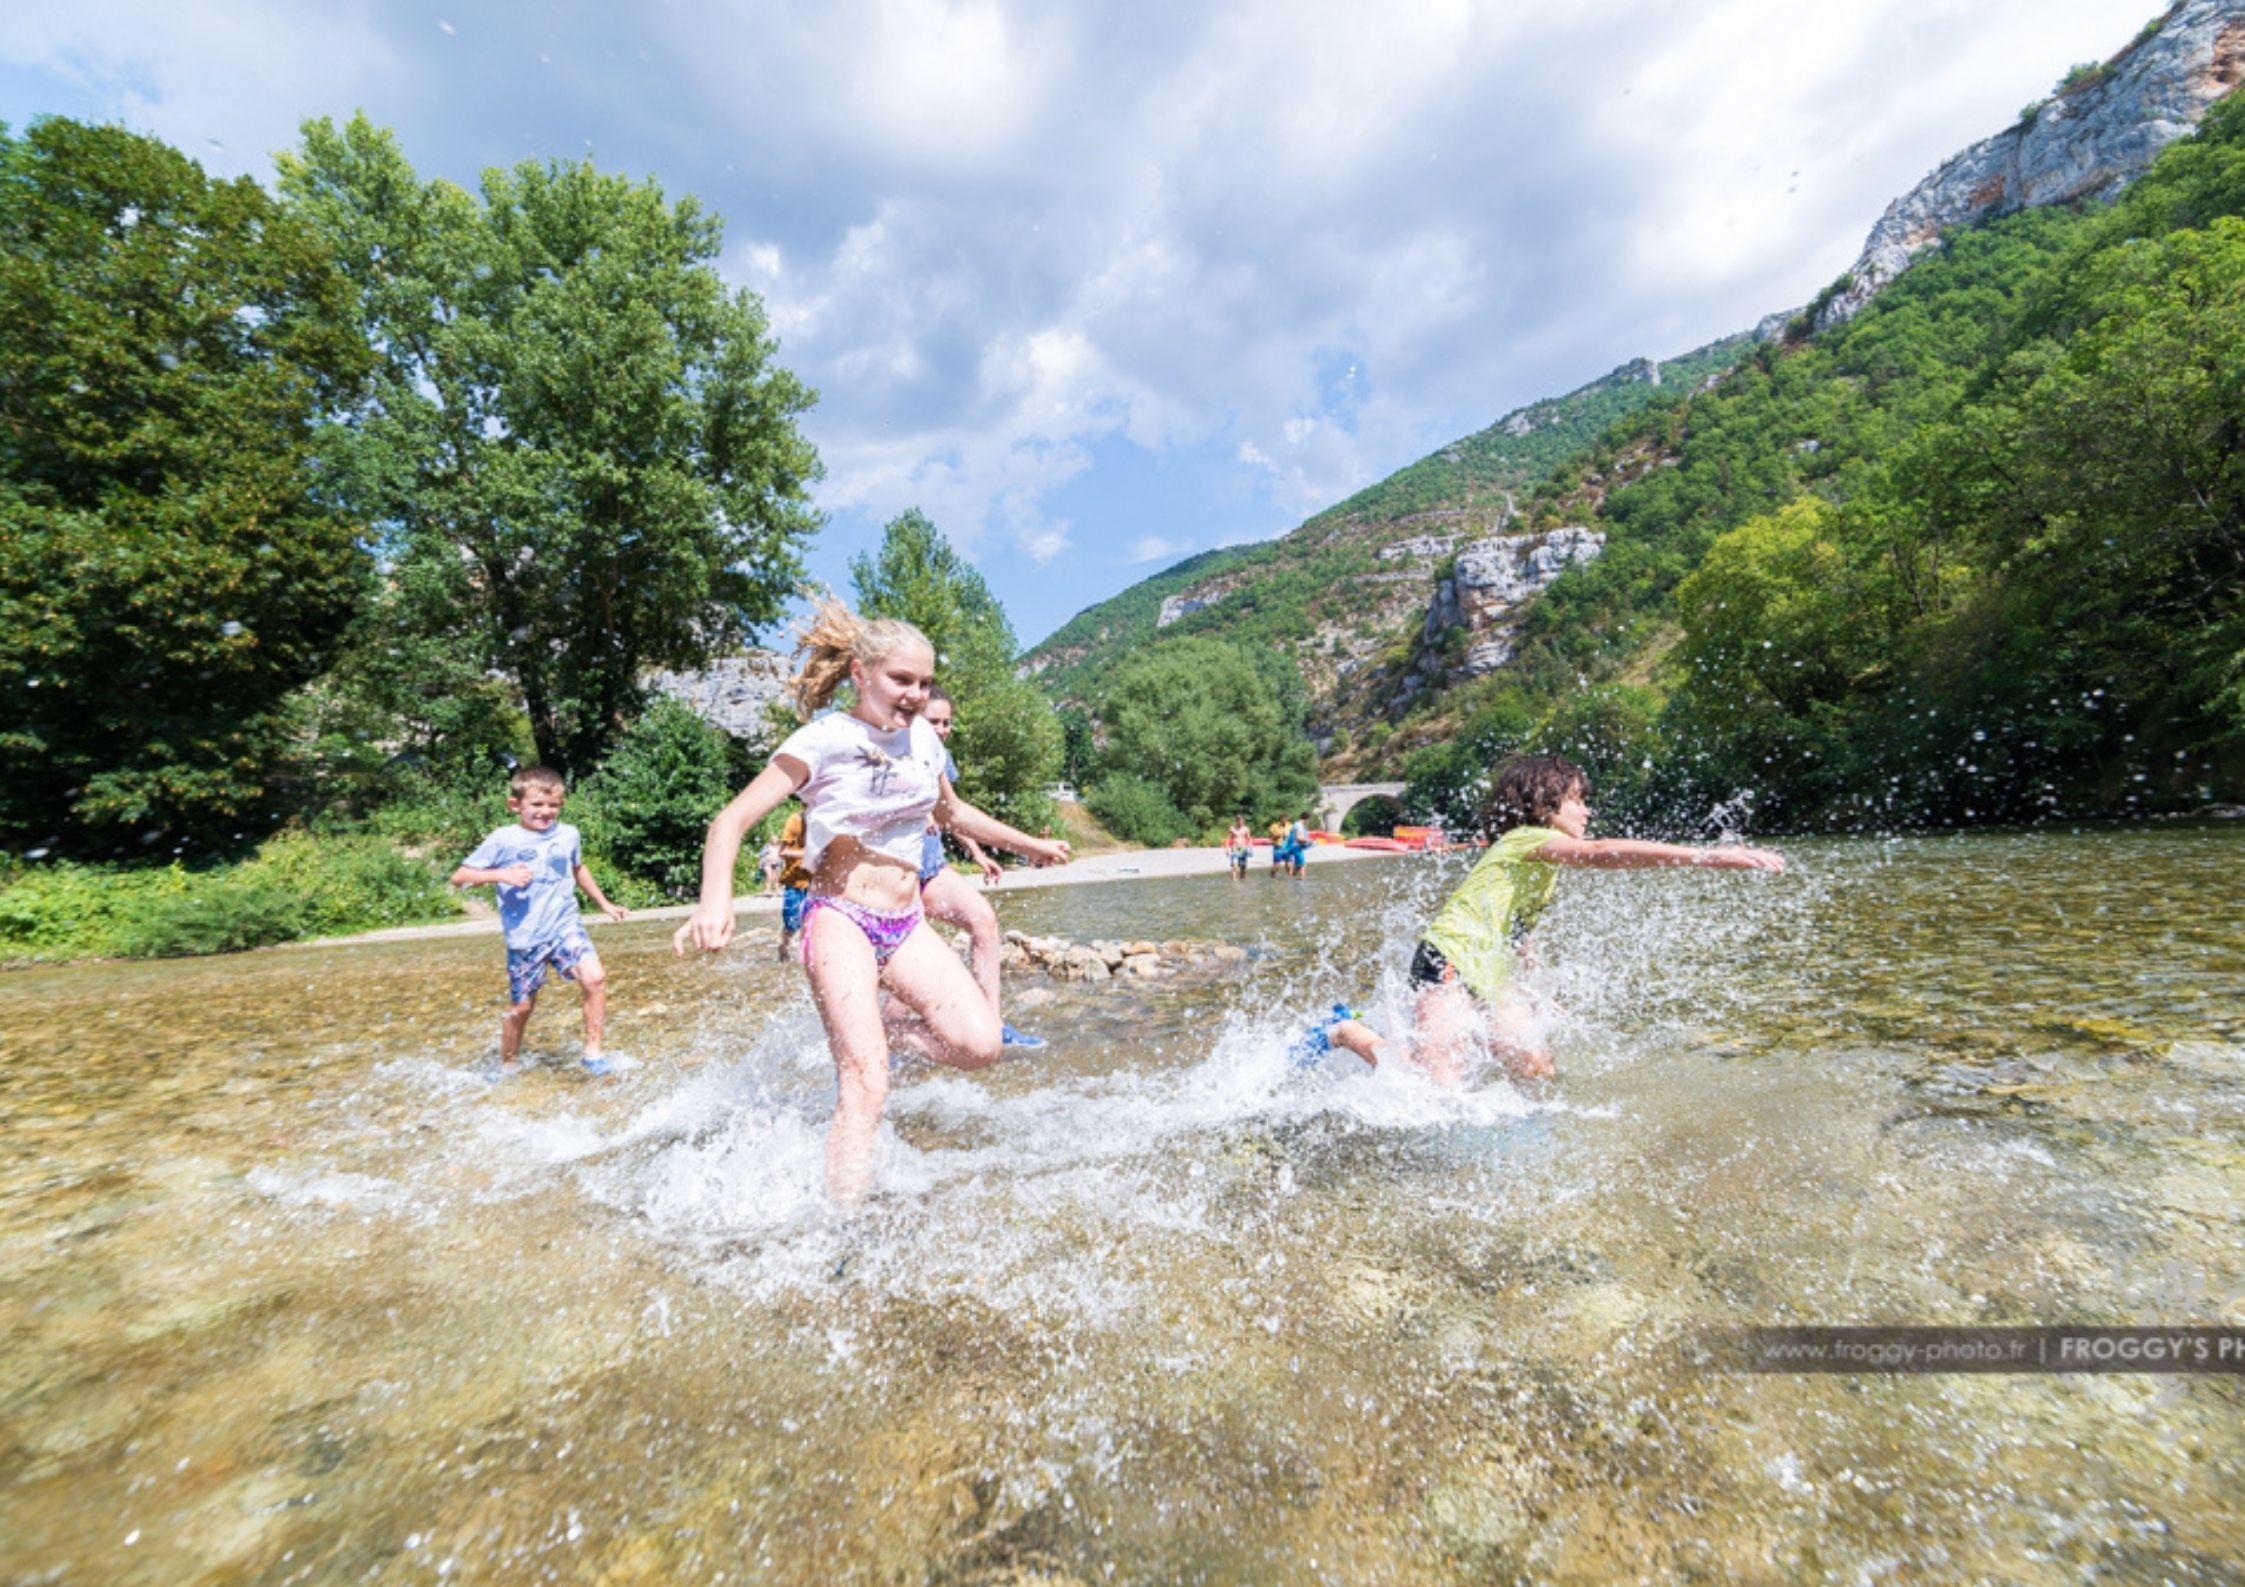 Baignade et farniente dans les Gorges du Tarn à proximité du Camping de Chanac